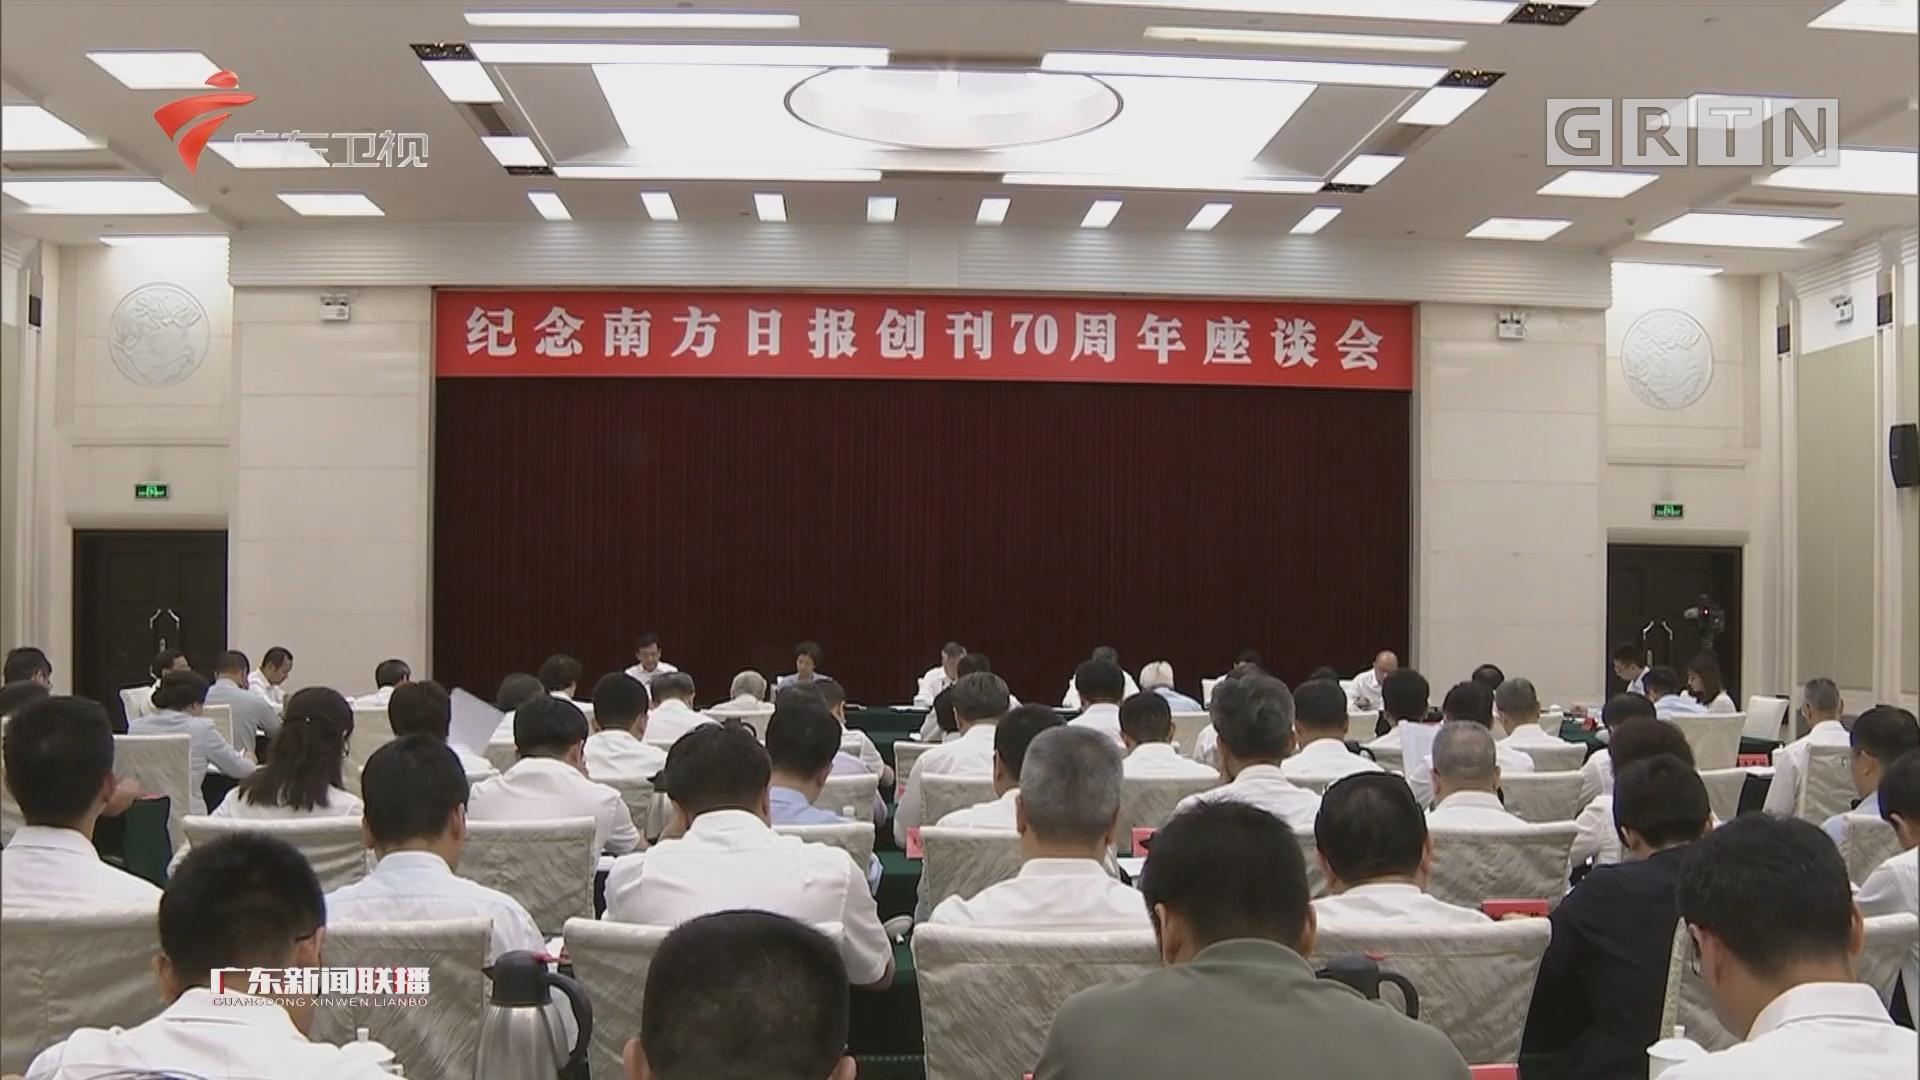 纪念南方日报创刊70周年座谈会在广州举行 李希马兴瑞李玉妹王荣出席会议